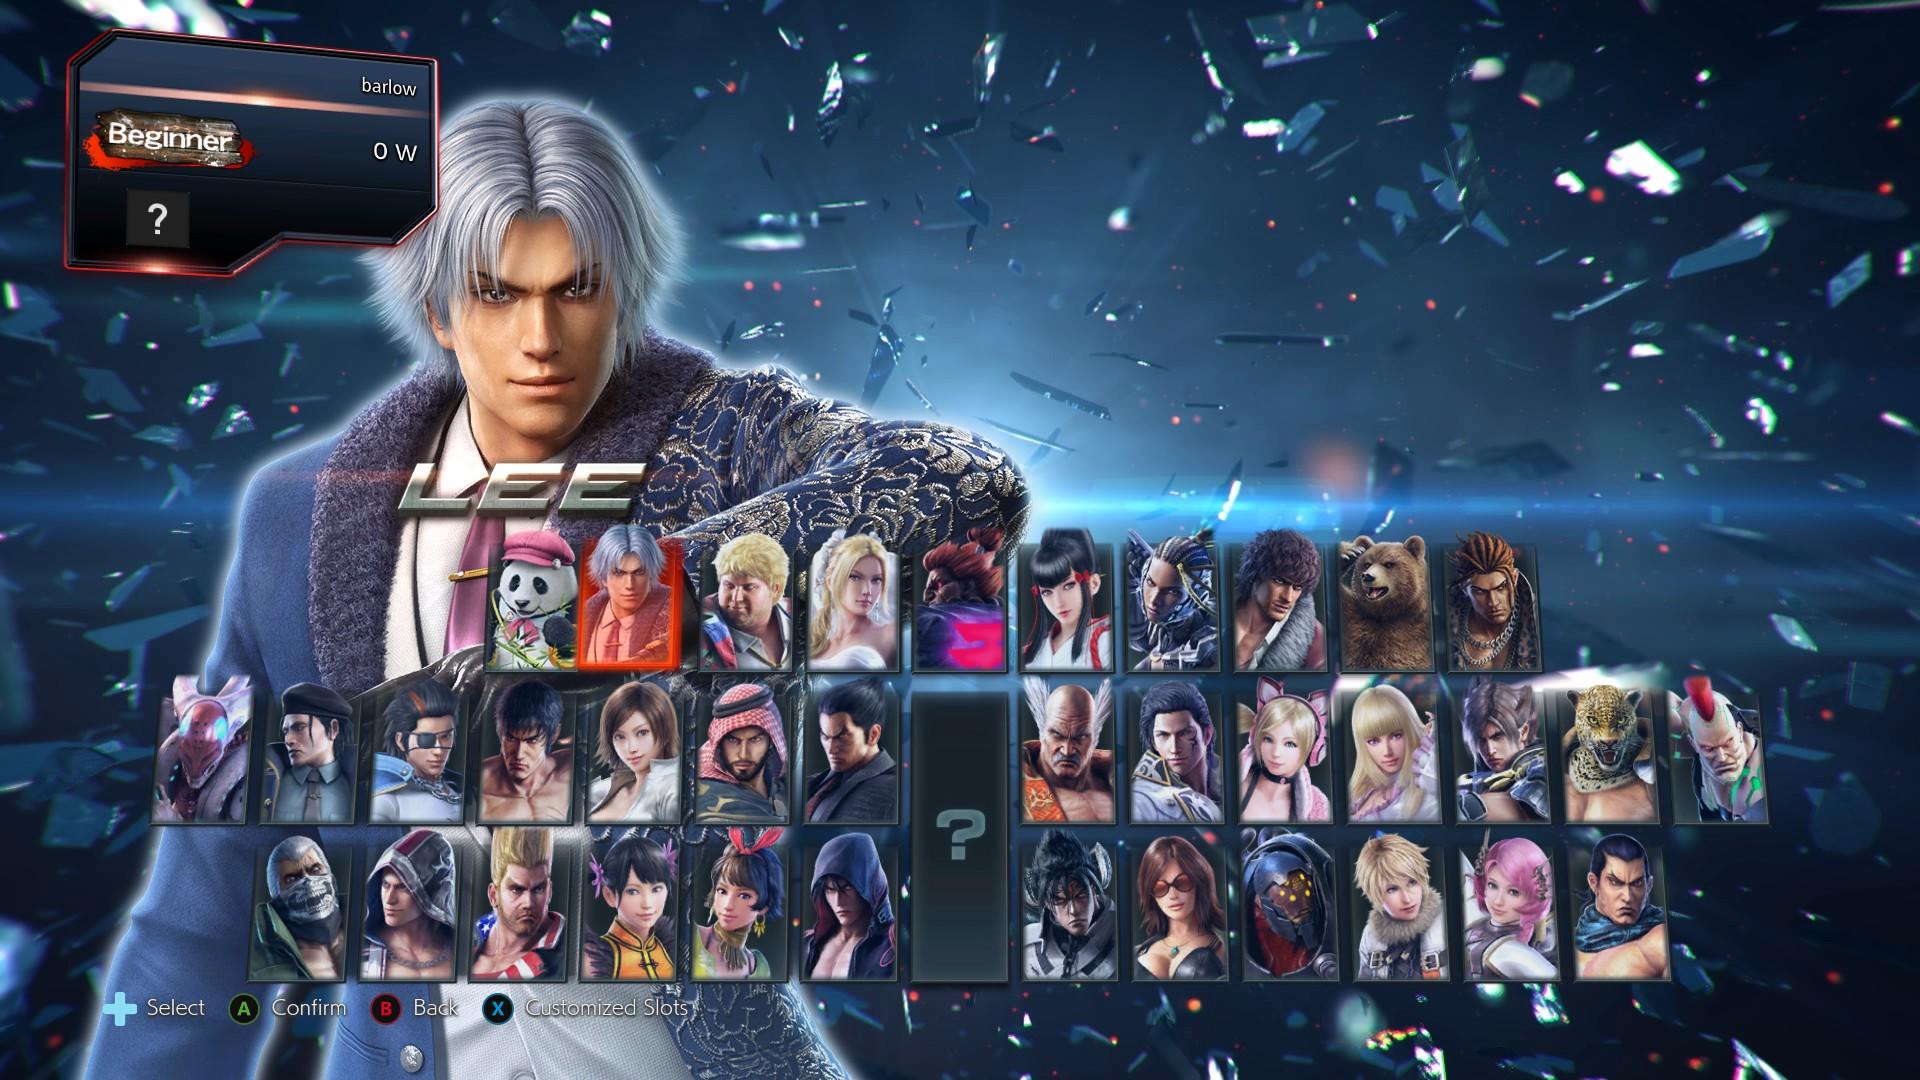 Tekken 7 - jde se bojovat o čest, slávu, peníze a nový klobouk 145295